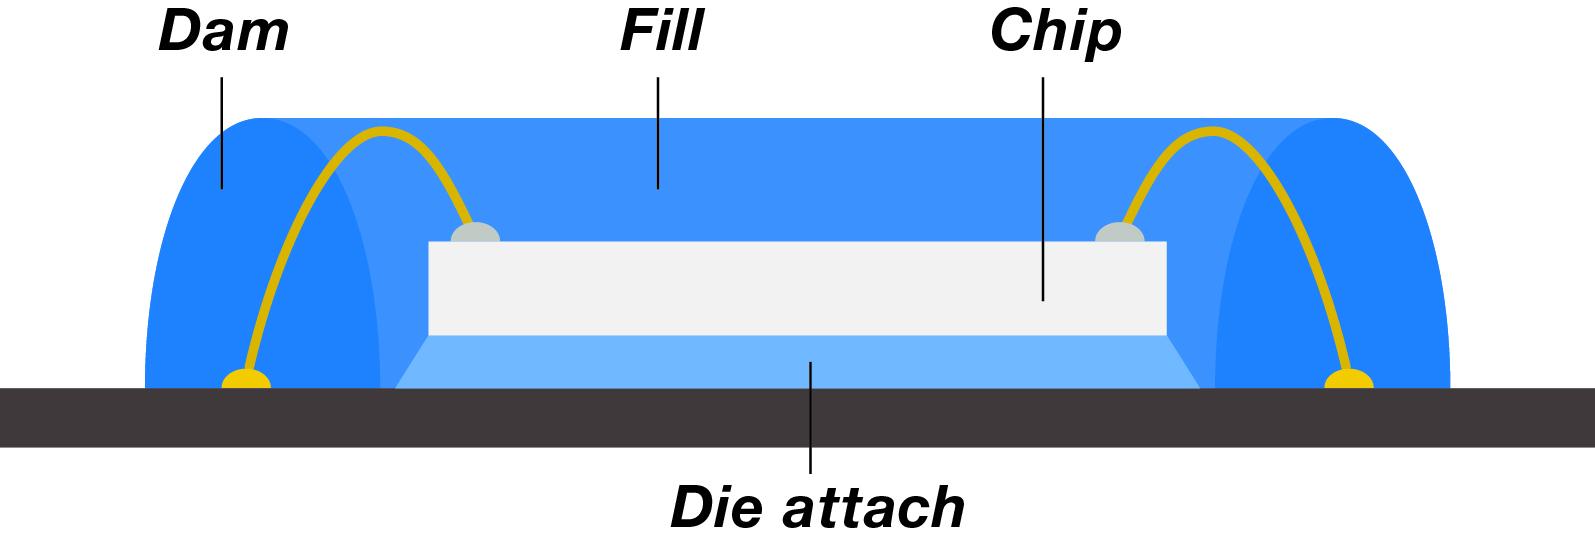 Auto News | Abb.: Darstellung der verschiedenen Bereiche in denen Klebstoff bei der Smart Card Verklebung zum Einsatz kommt.